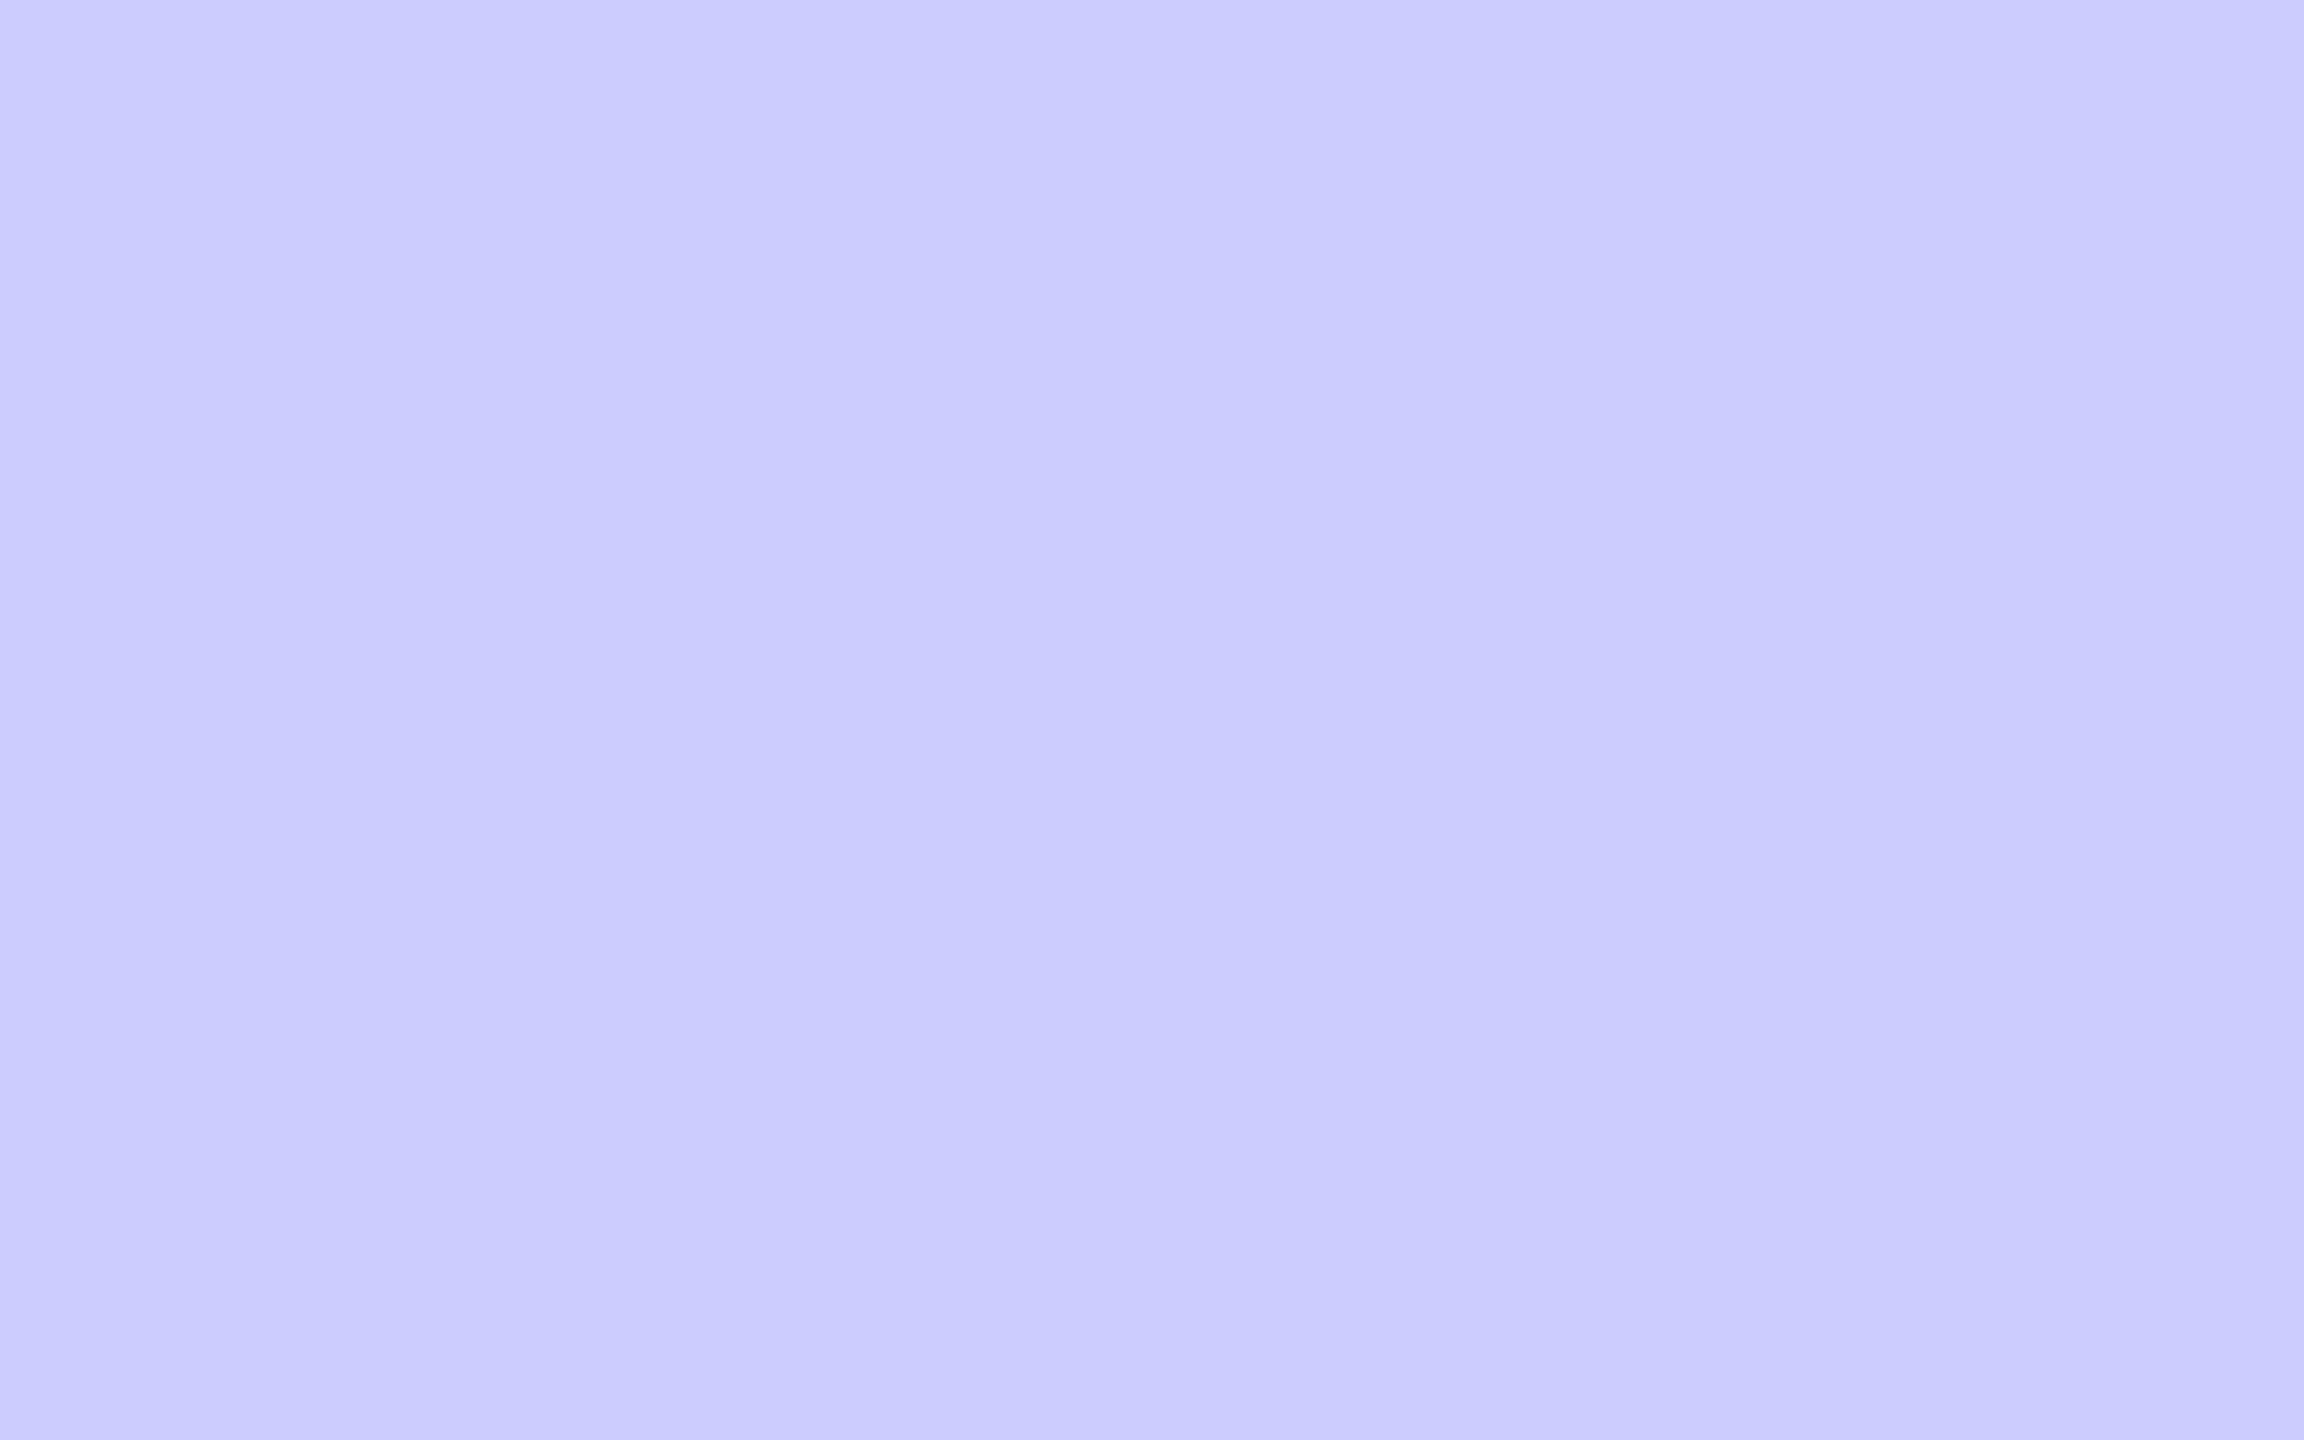 2304x1440 Lavender Blue Solid Color Background